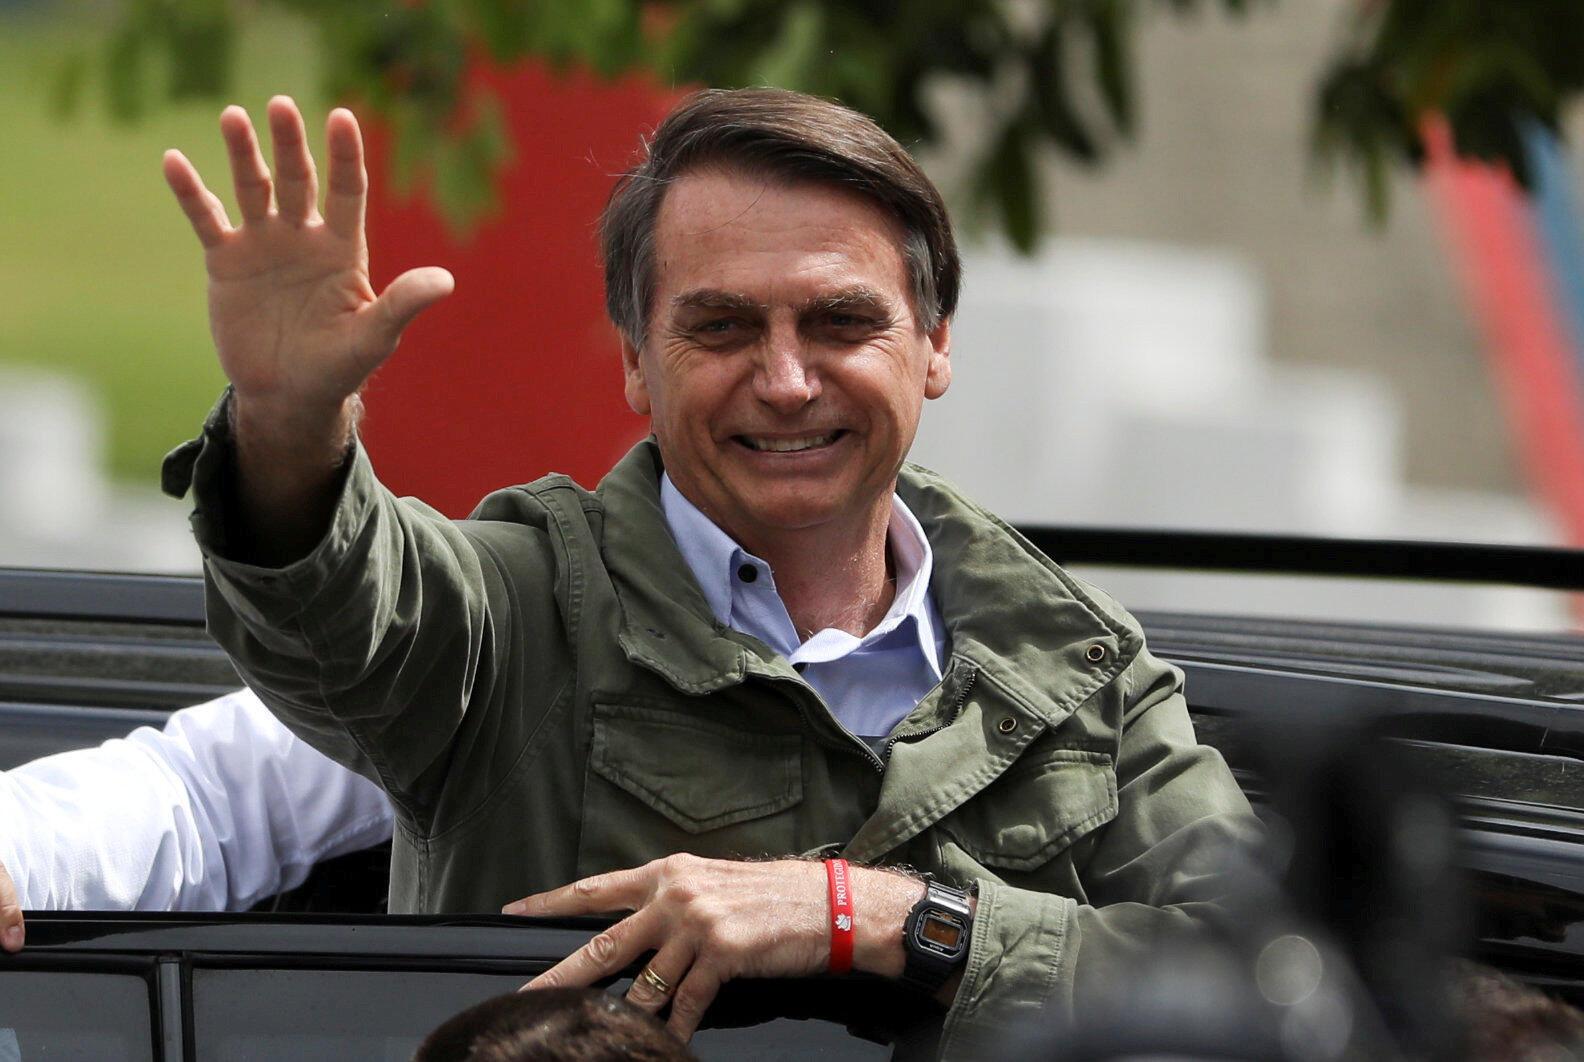 Избранный президент Бразилии Жаир Болсонару собирается перенести посольство Бразилии в Иерусалим